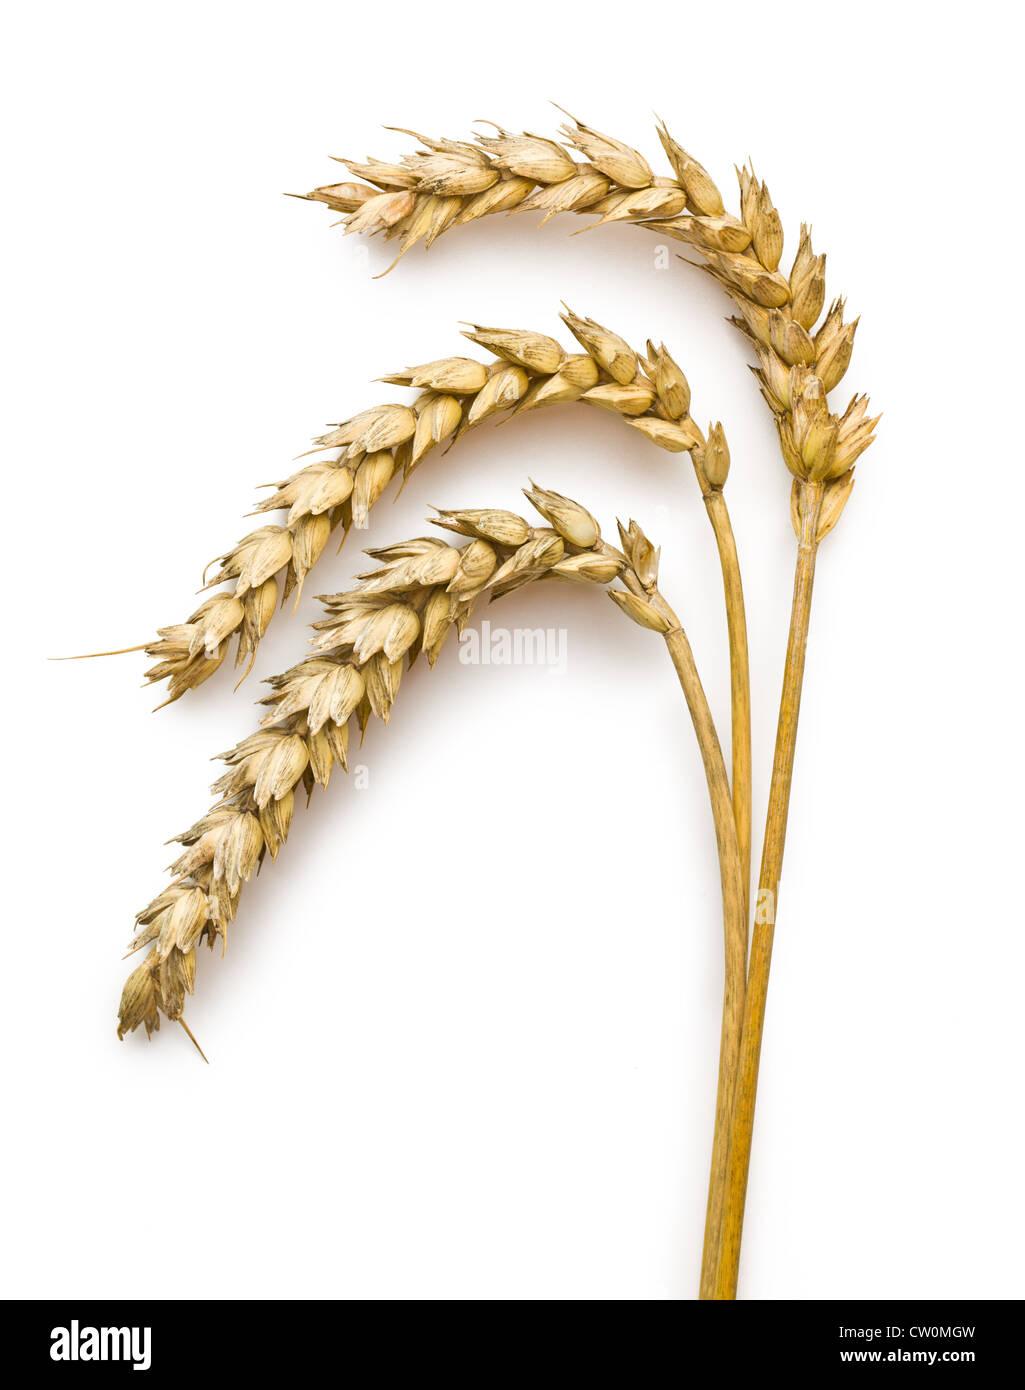 Les épis de blé sur fond blanc Photo Stock